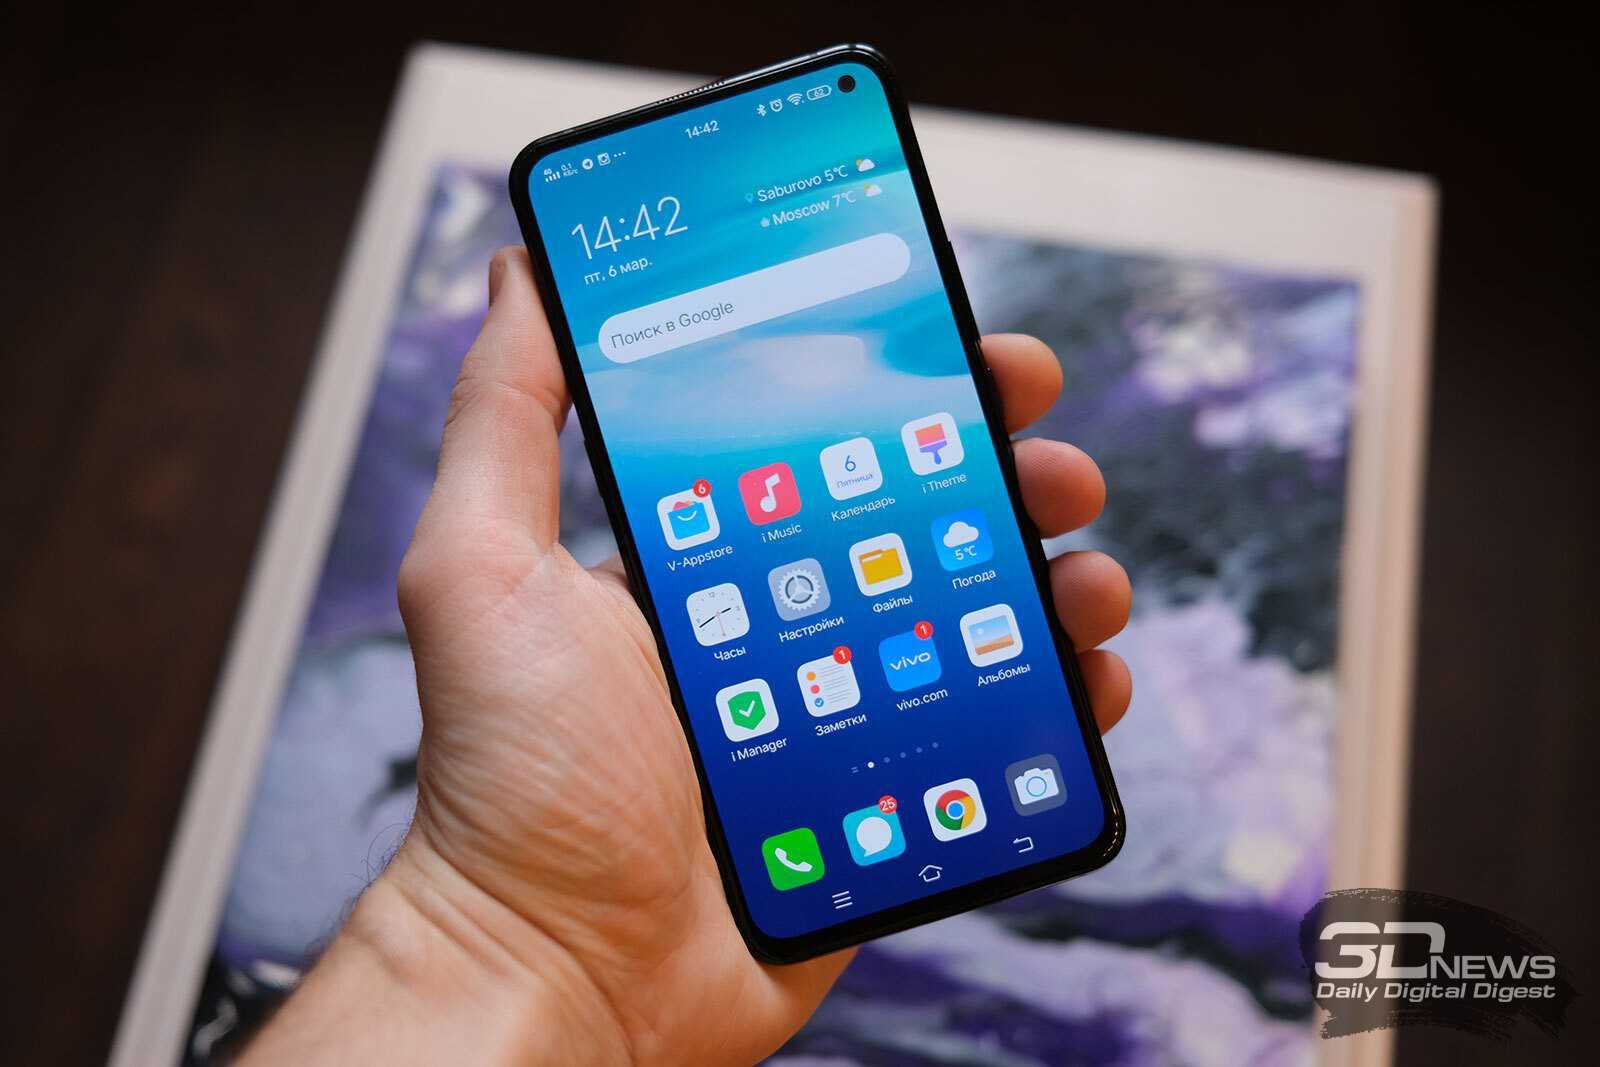 Не так давно компания Vivo анонсировала свой флагманский смартфон под названием Vivo NEX 3 5G упрощенную версию которого уже можно приобрести по предварительному